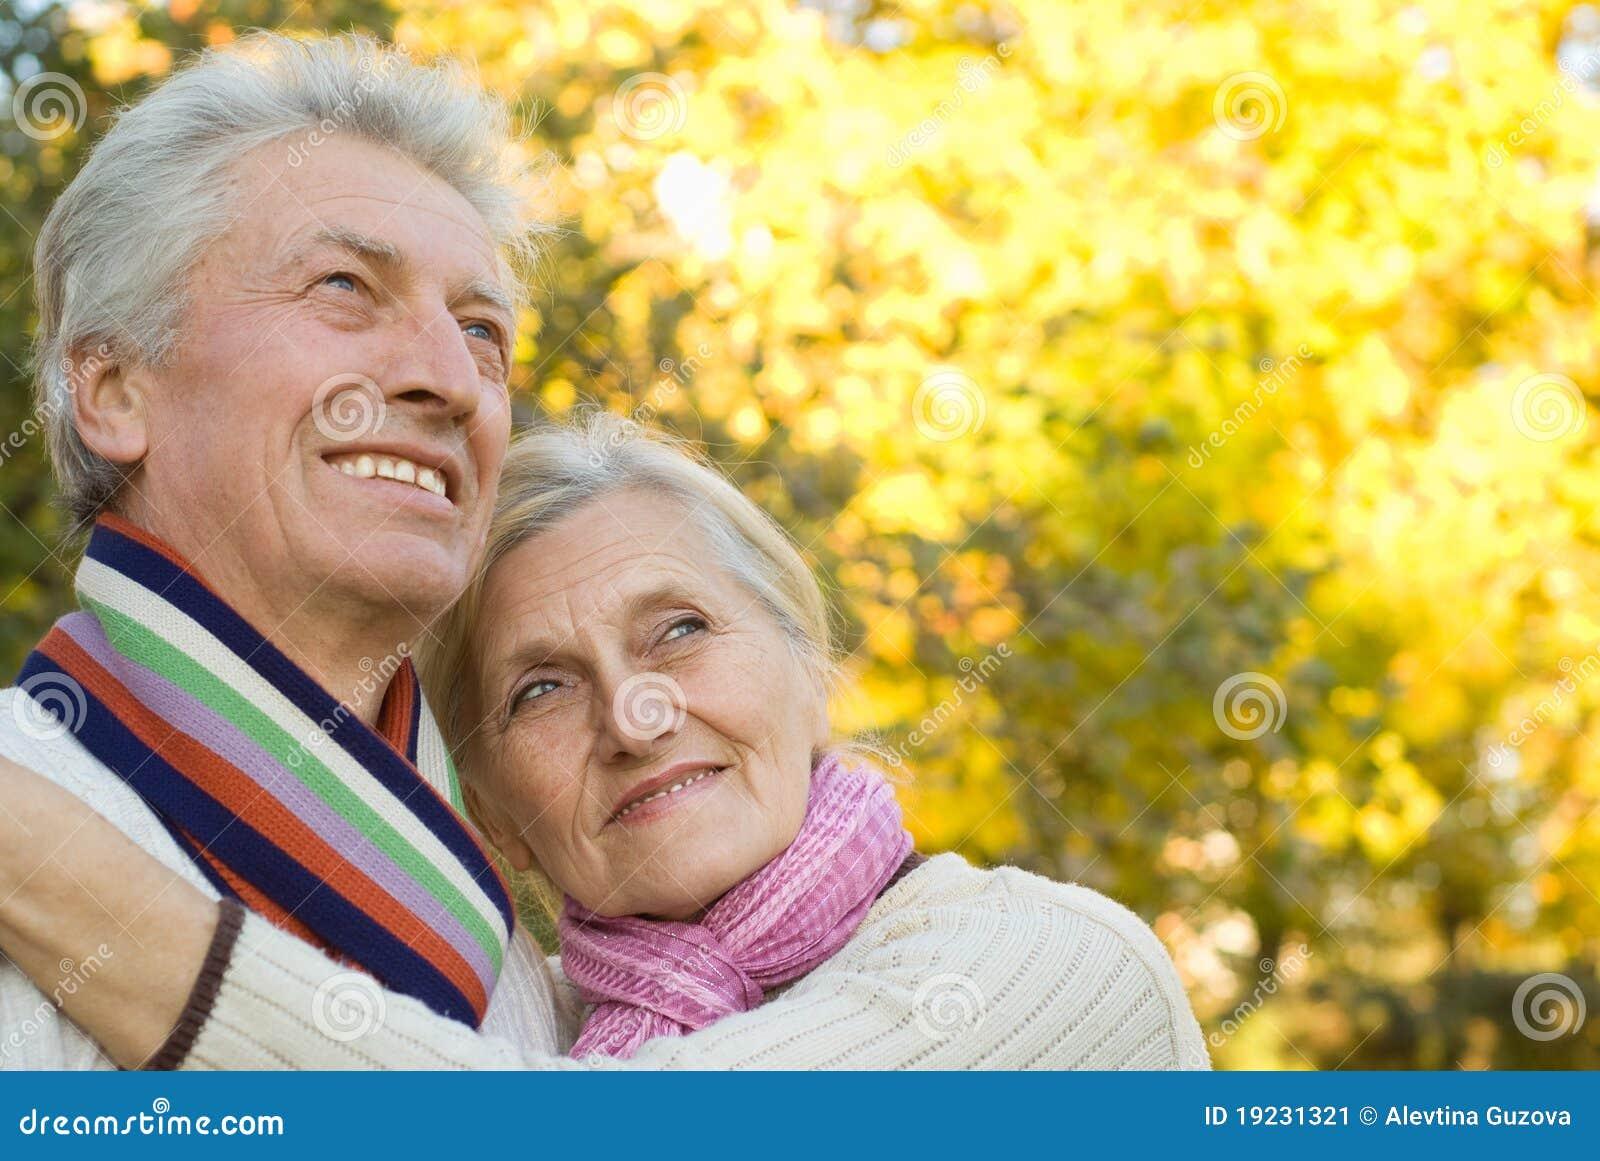 Jesień pary starszych osob park